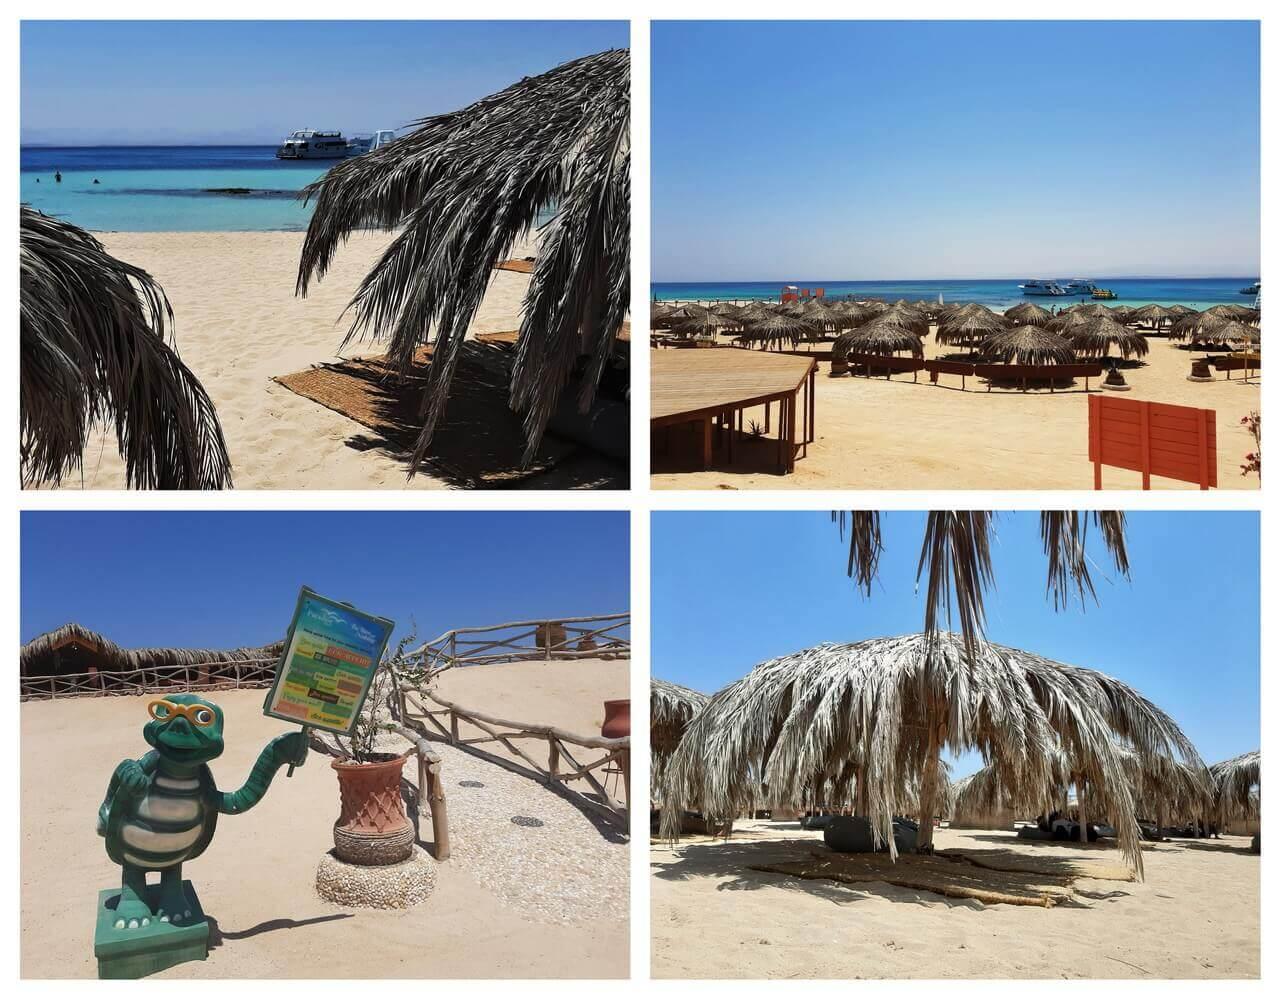 Paradise island beach, Giftun, Hurghada